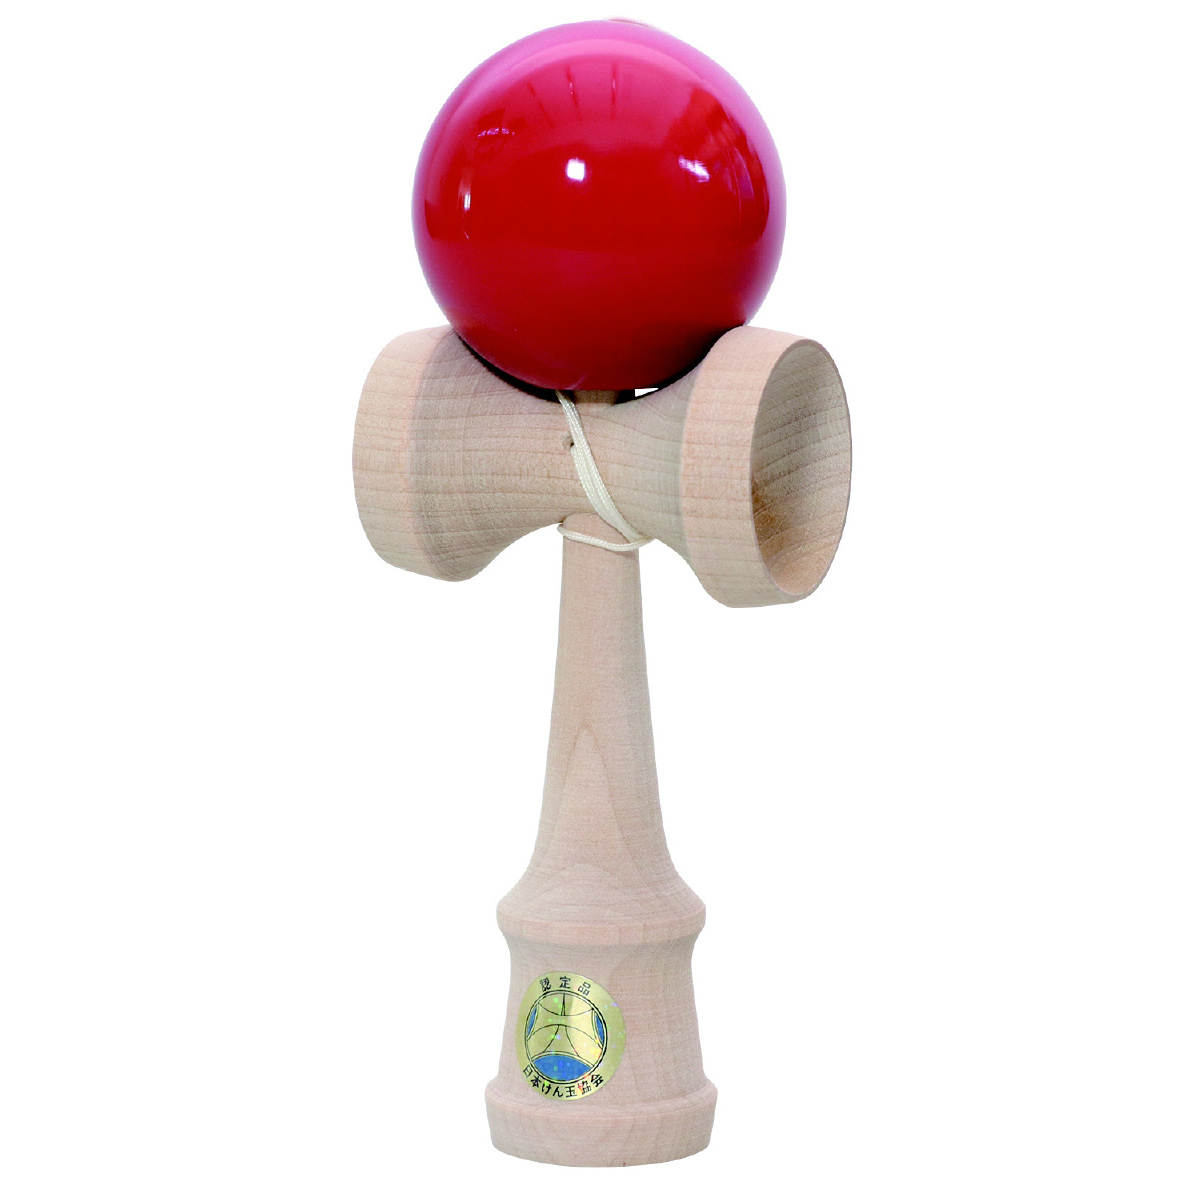 日本けん玉協会認定 けん玉 名人 匠[赤] こども用 おもちゃ 知育玩具 キッズ けんだま おしゃれ クリスマスプレゼント